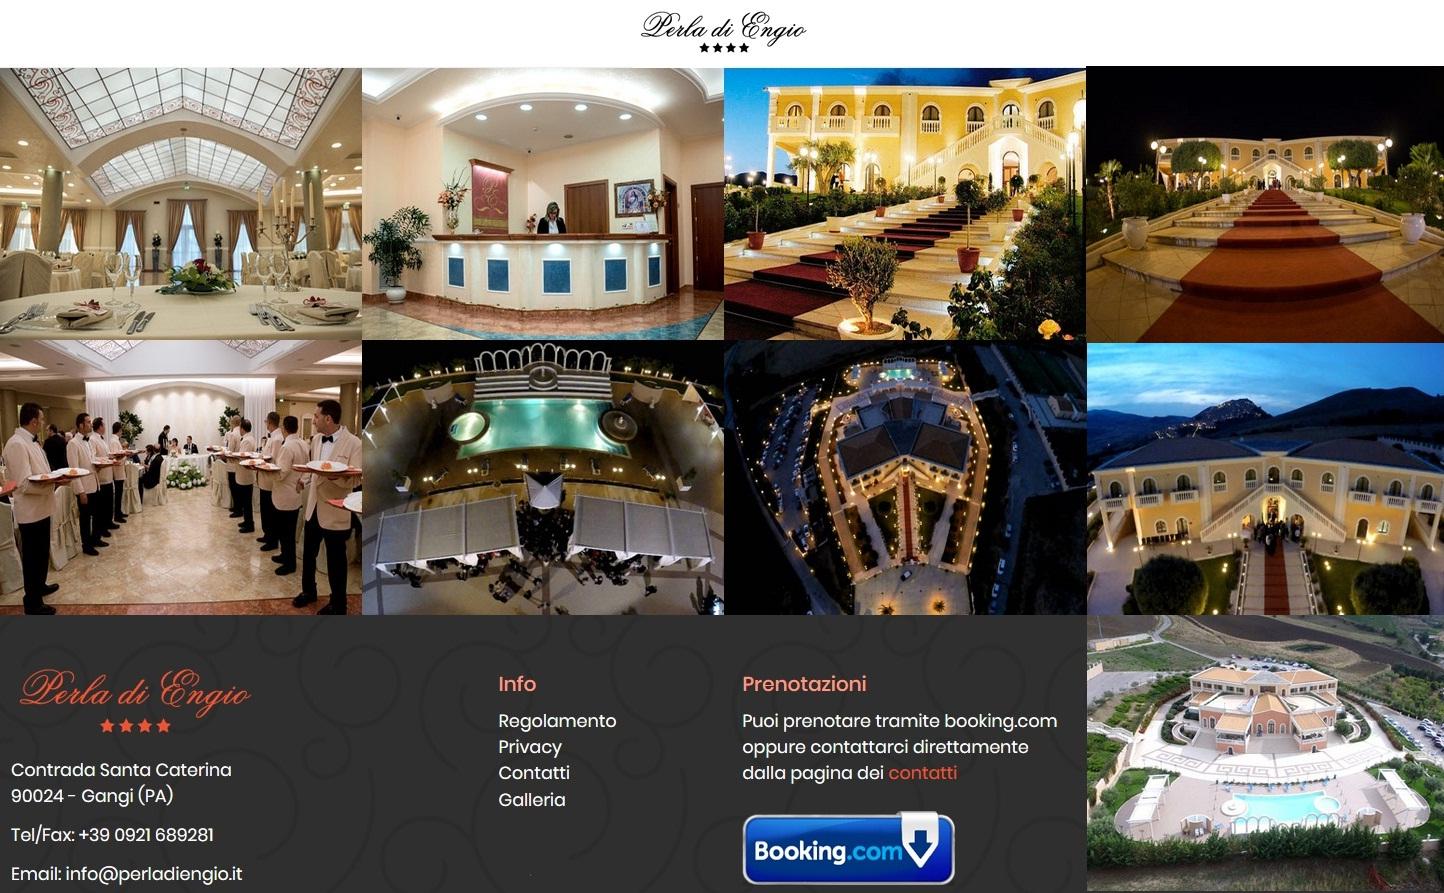 Perla di Engio HOTEL-RISTORANTE-SALA RICEVIMENTI